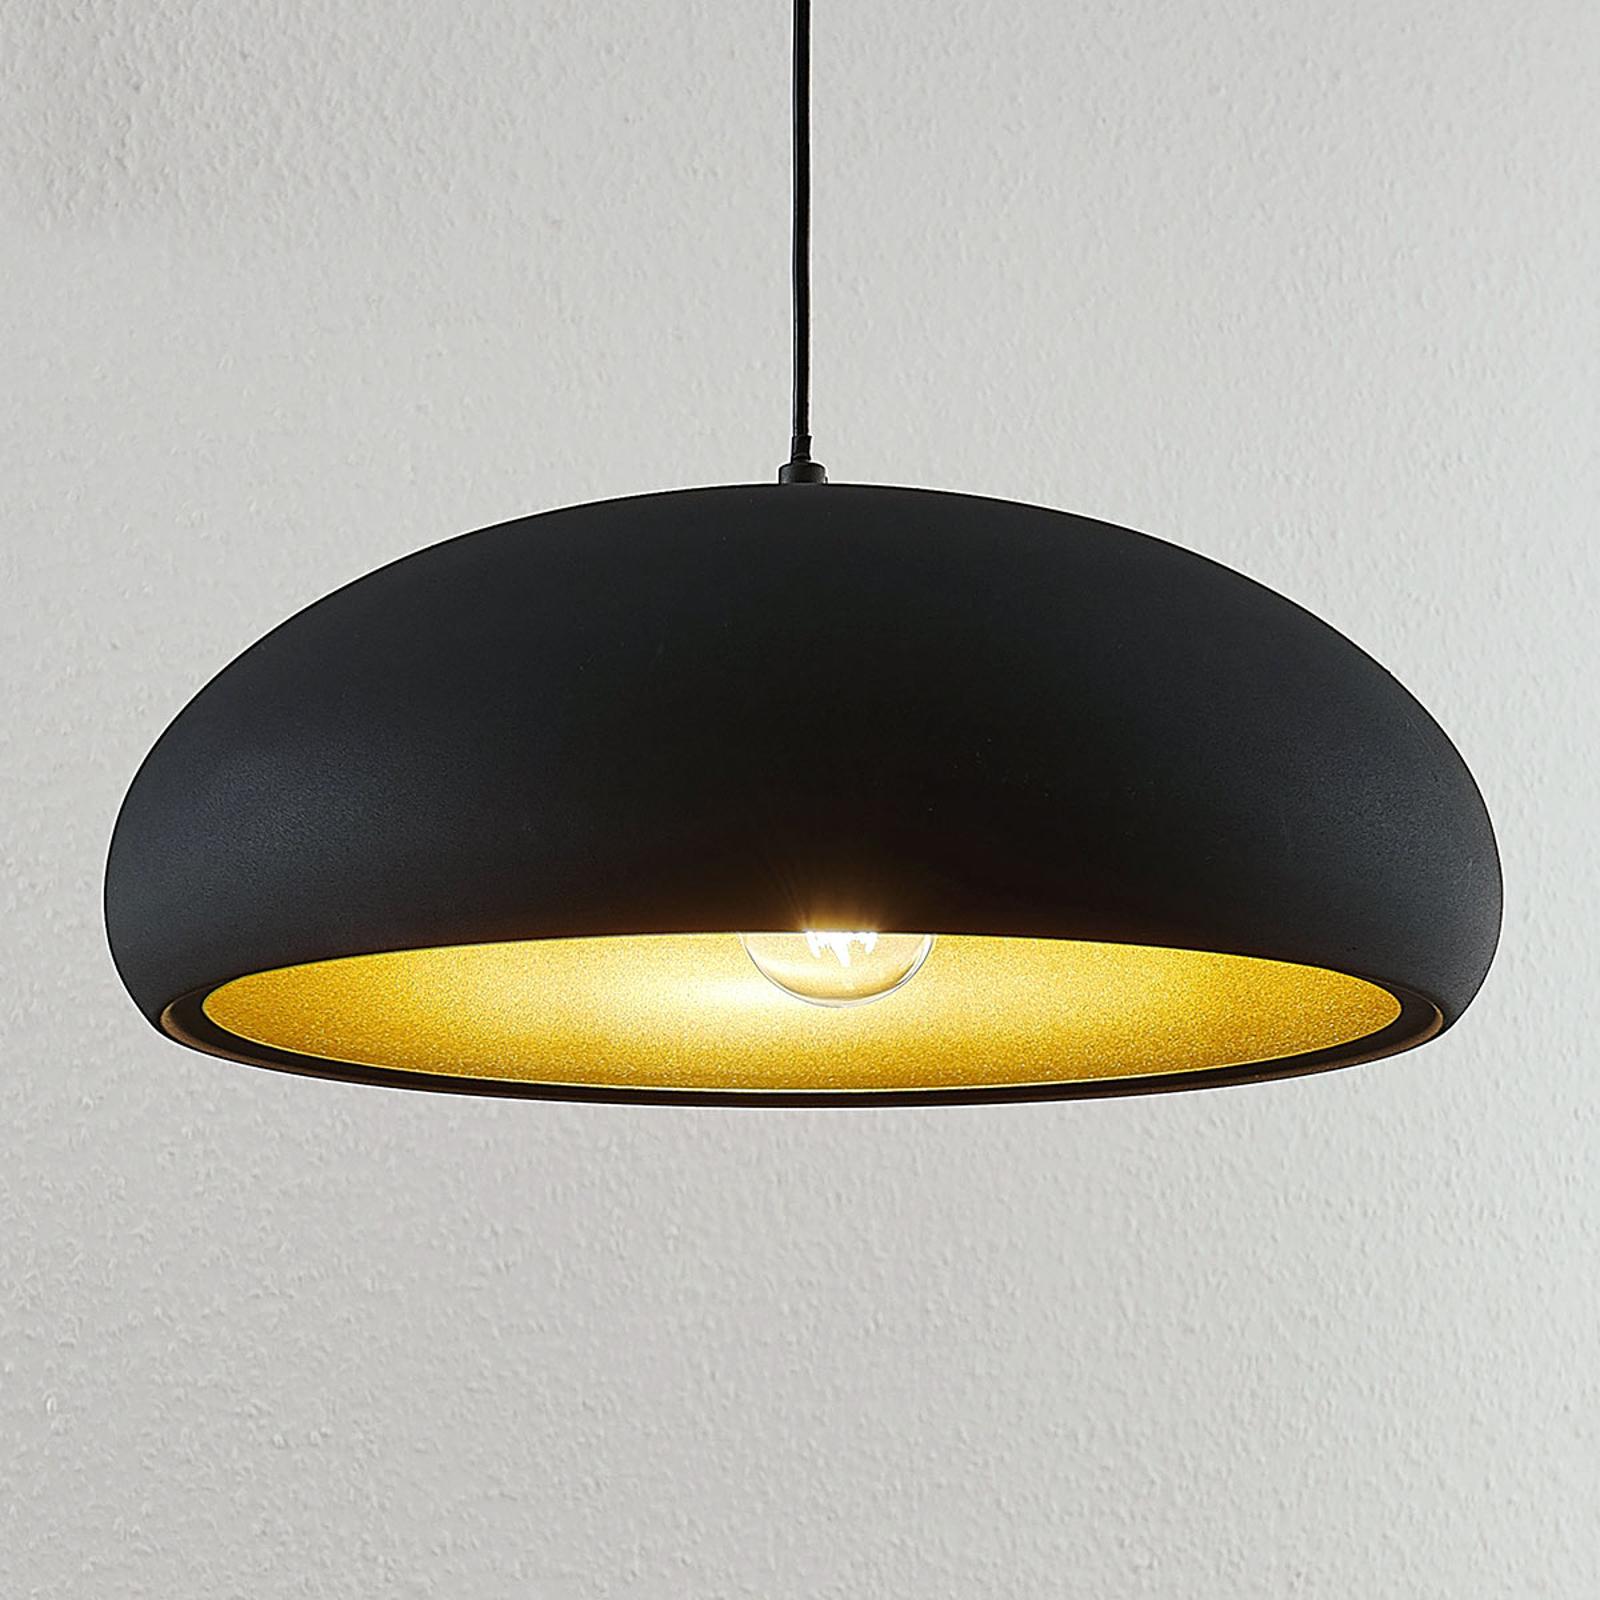 Kovové závěsné světlo Gerwina, černo-zlaté